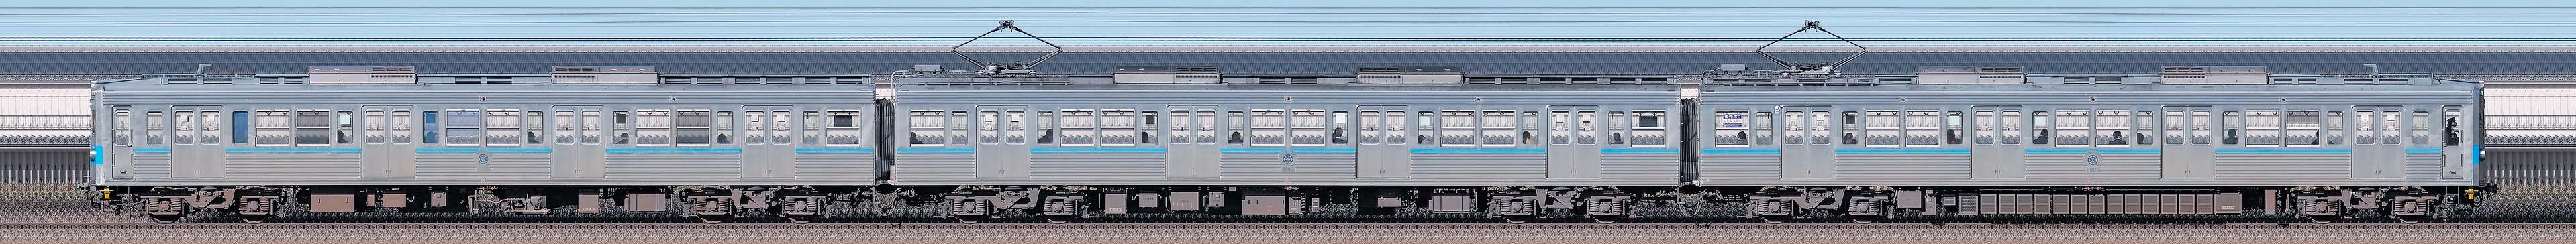 秩父鉄道5000系5002編成の編成サイドビュー